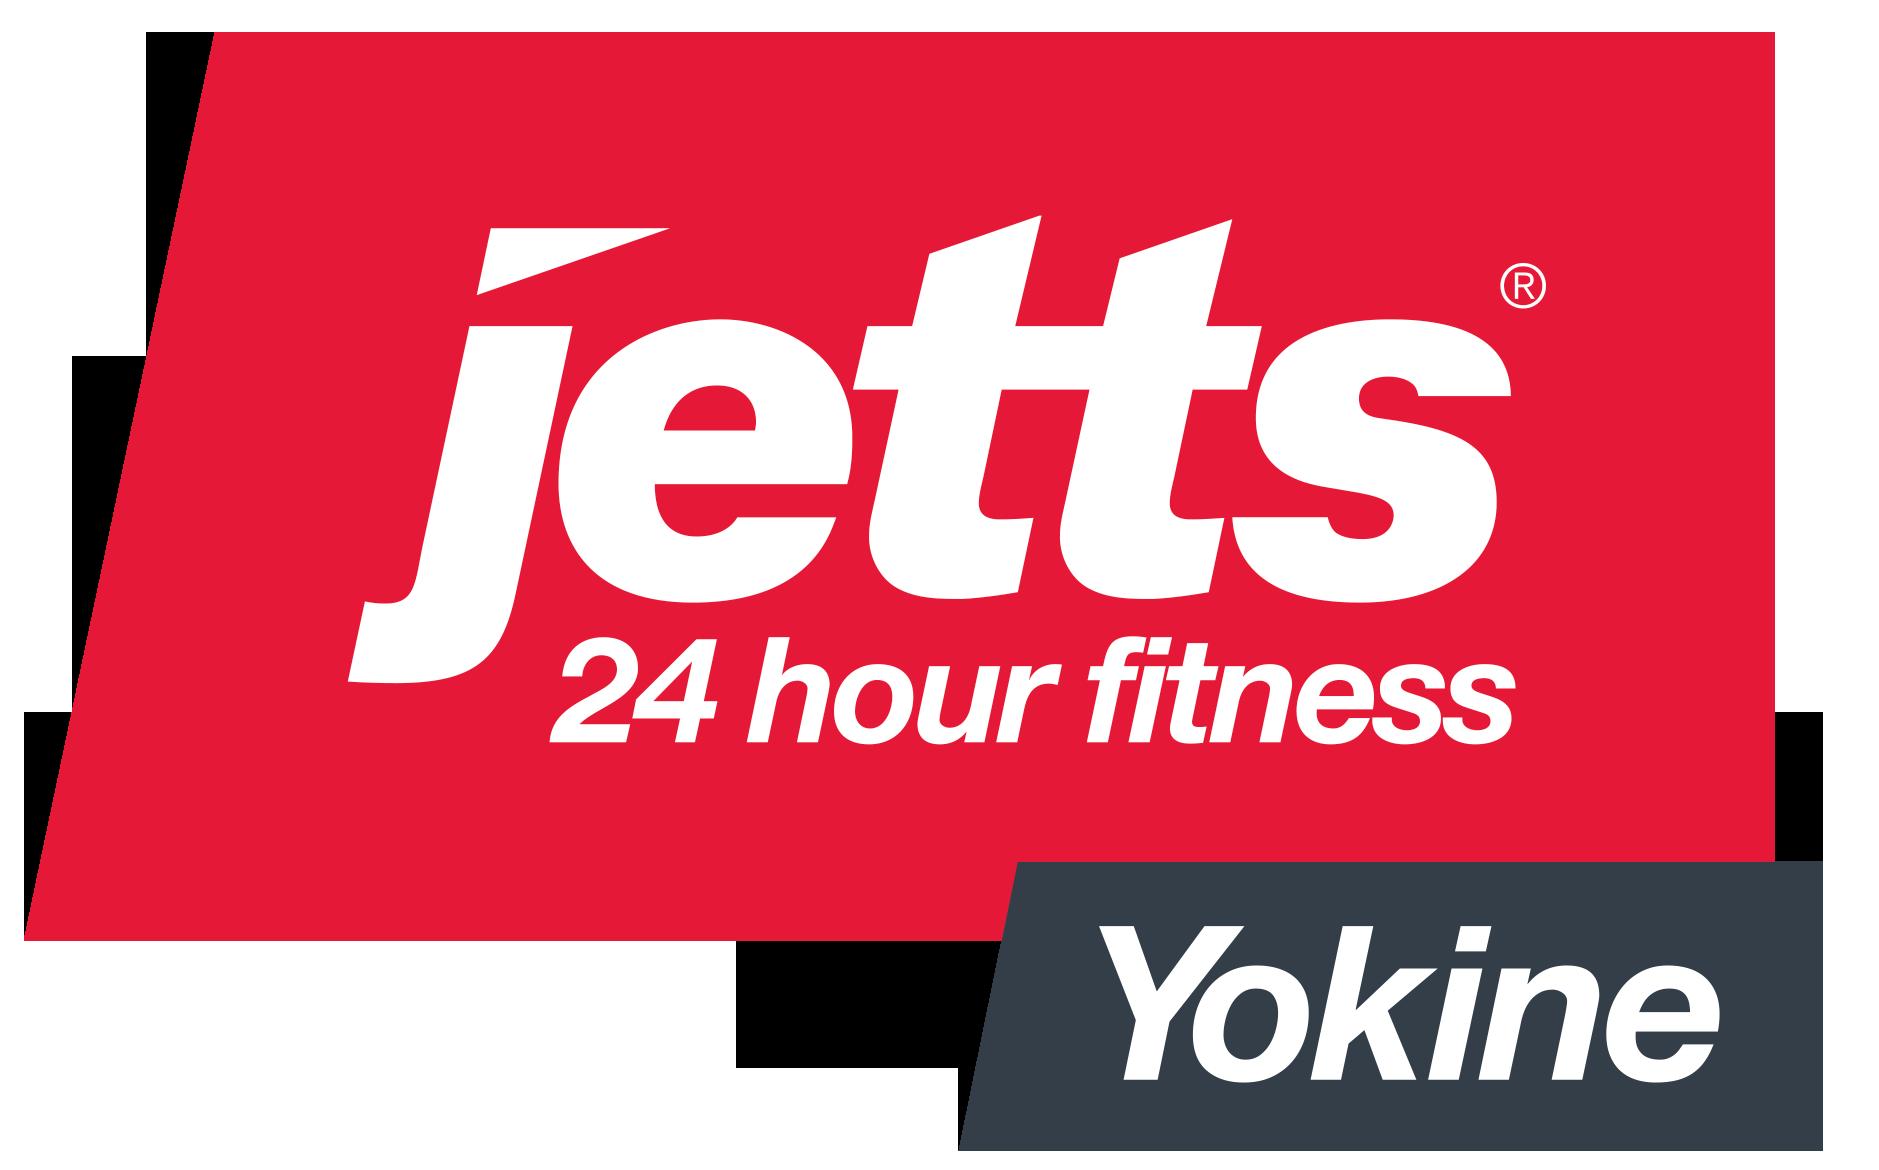 logo for Jetts Fitness